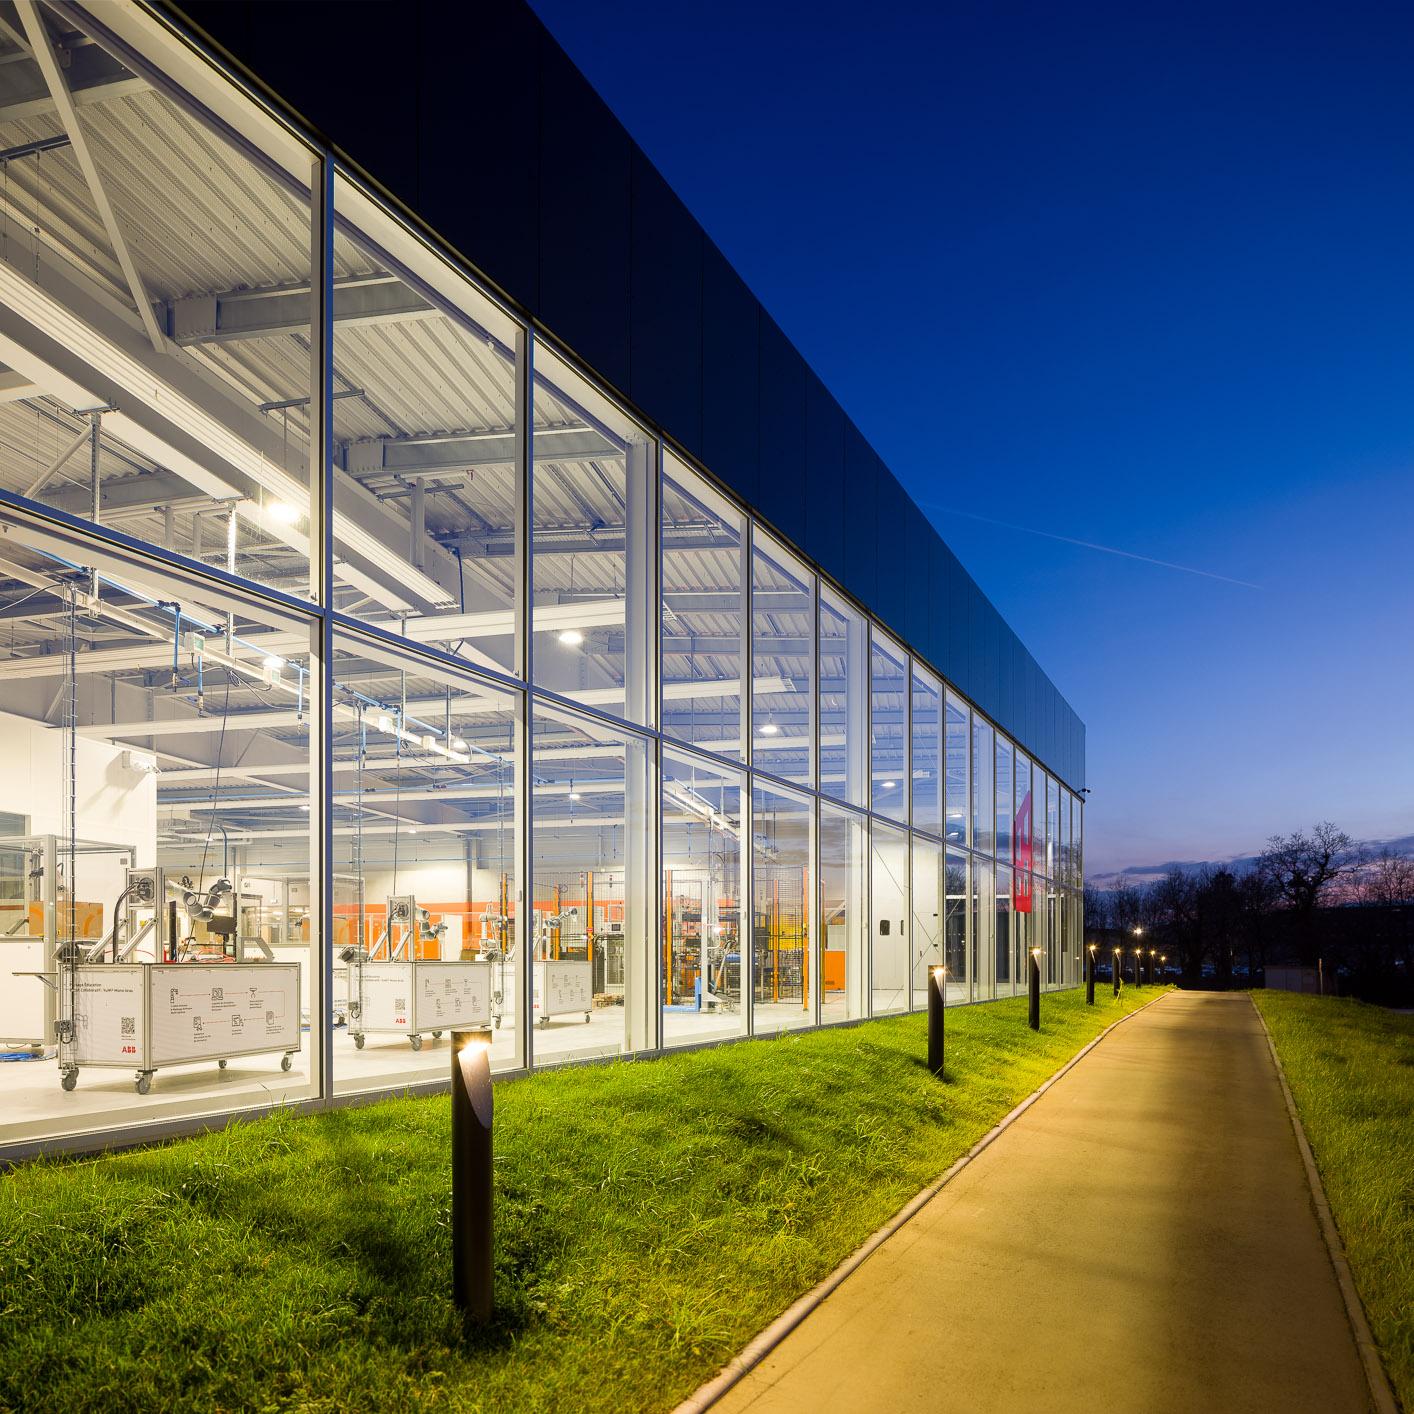 2101-JVMA-Topos architectes-Bouguenais-Francois Dantart-Non libre de droits-2M-23